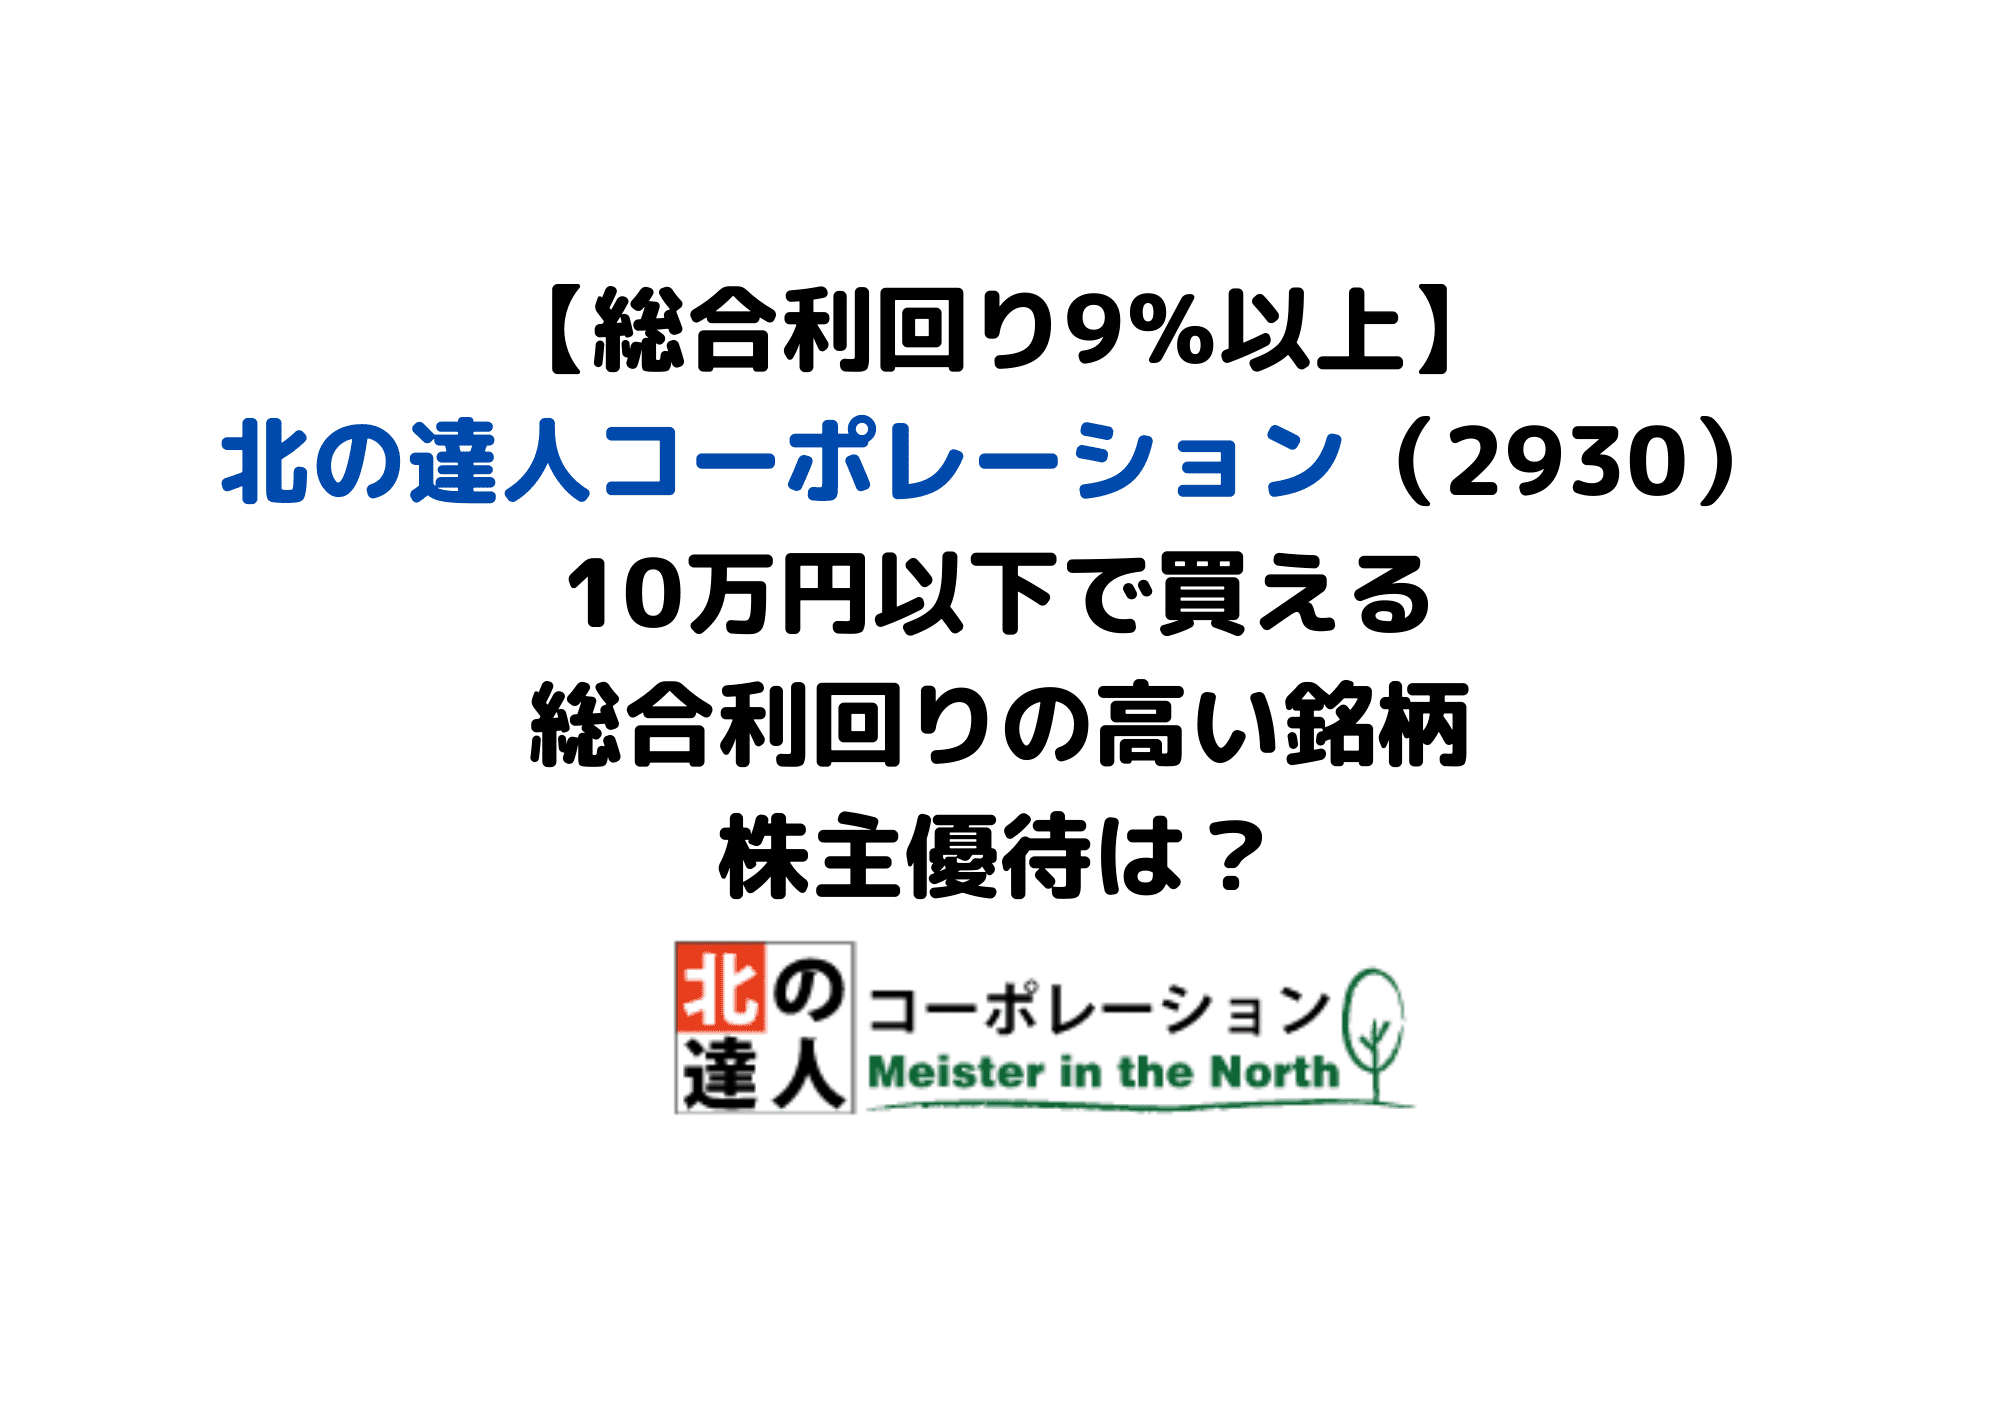 2930 北の達人コーポレーション (1)